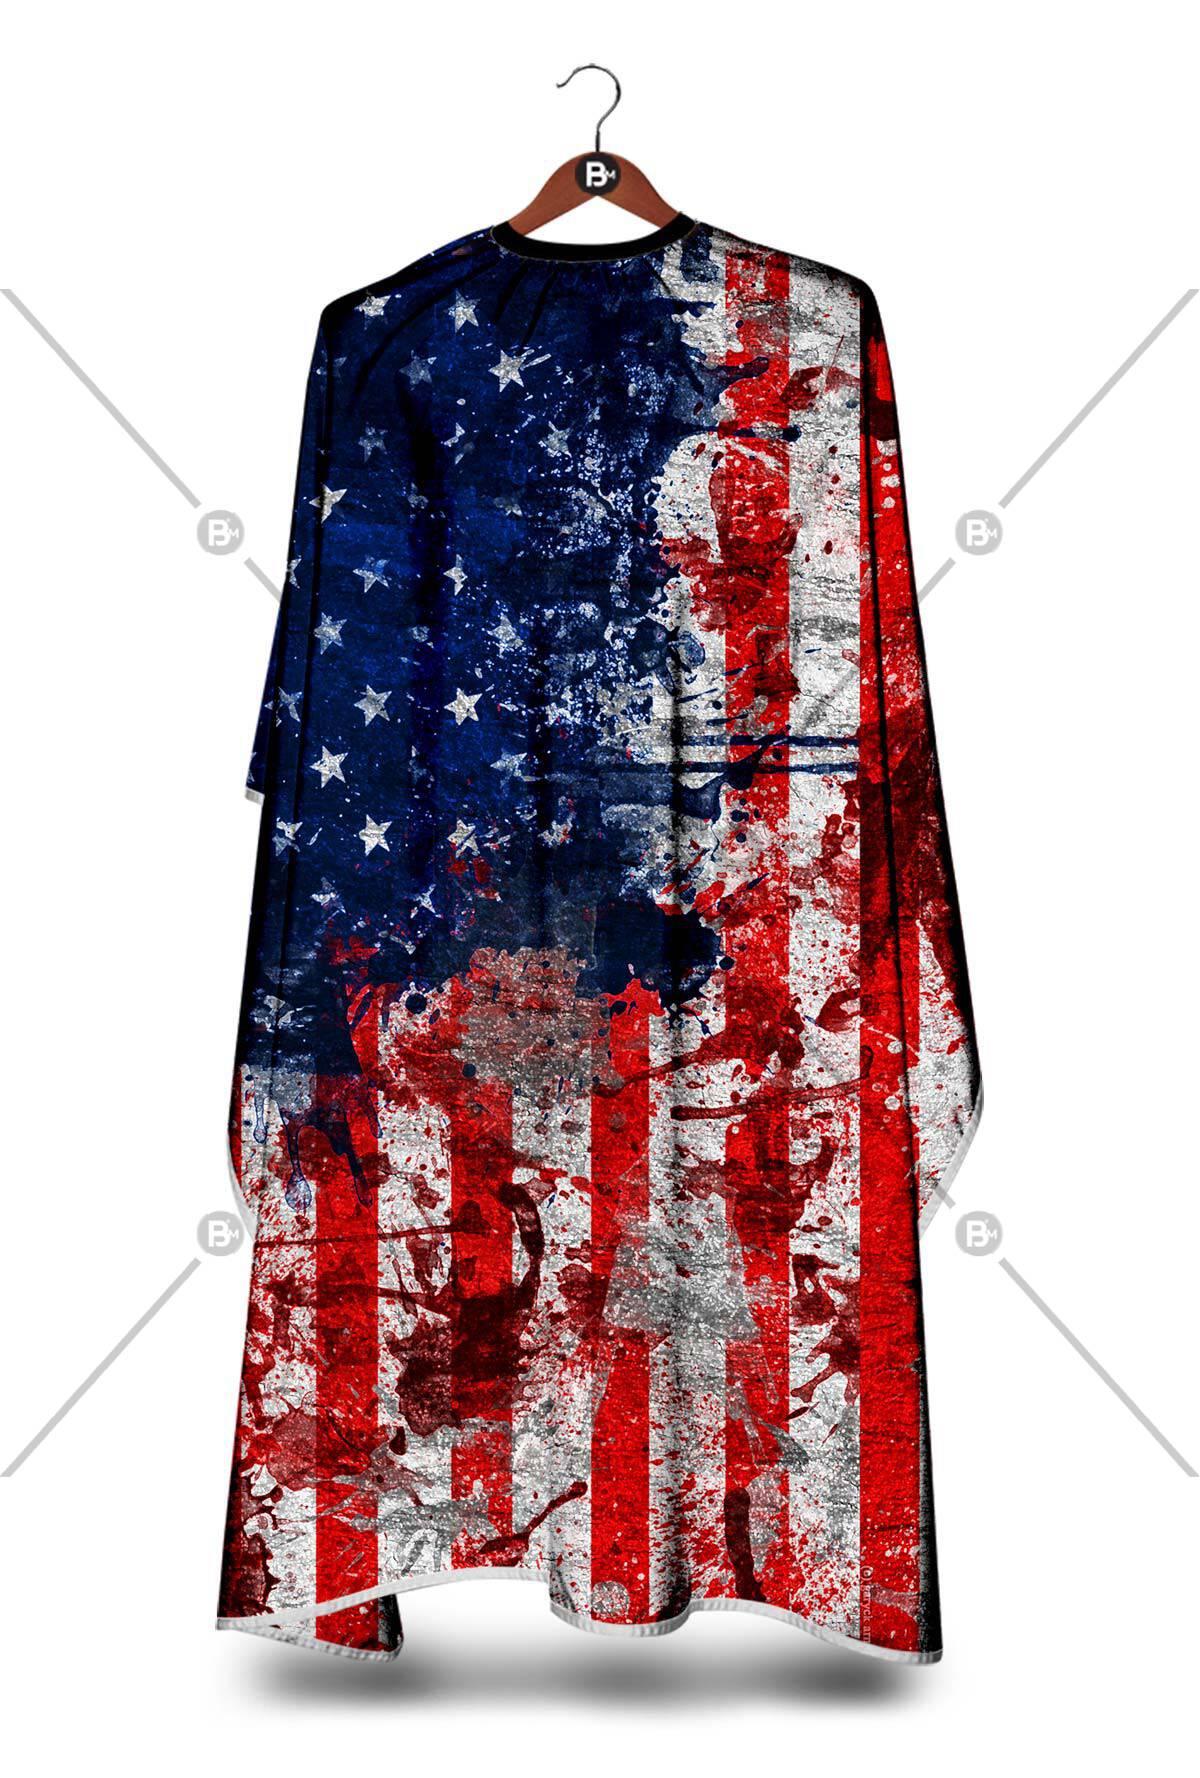 American Flag Penuar ürünü tüm müşterileriniz tarafından ilgi ile incelenebilecek, yumuşak dokusu ile antistatik özelliği sayesinde asla kıl, sakal veya tüy tutmayacaktır.